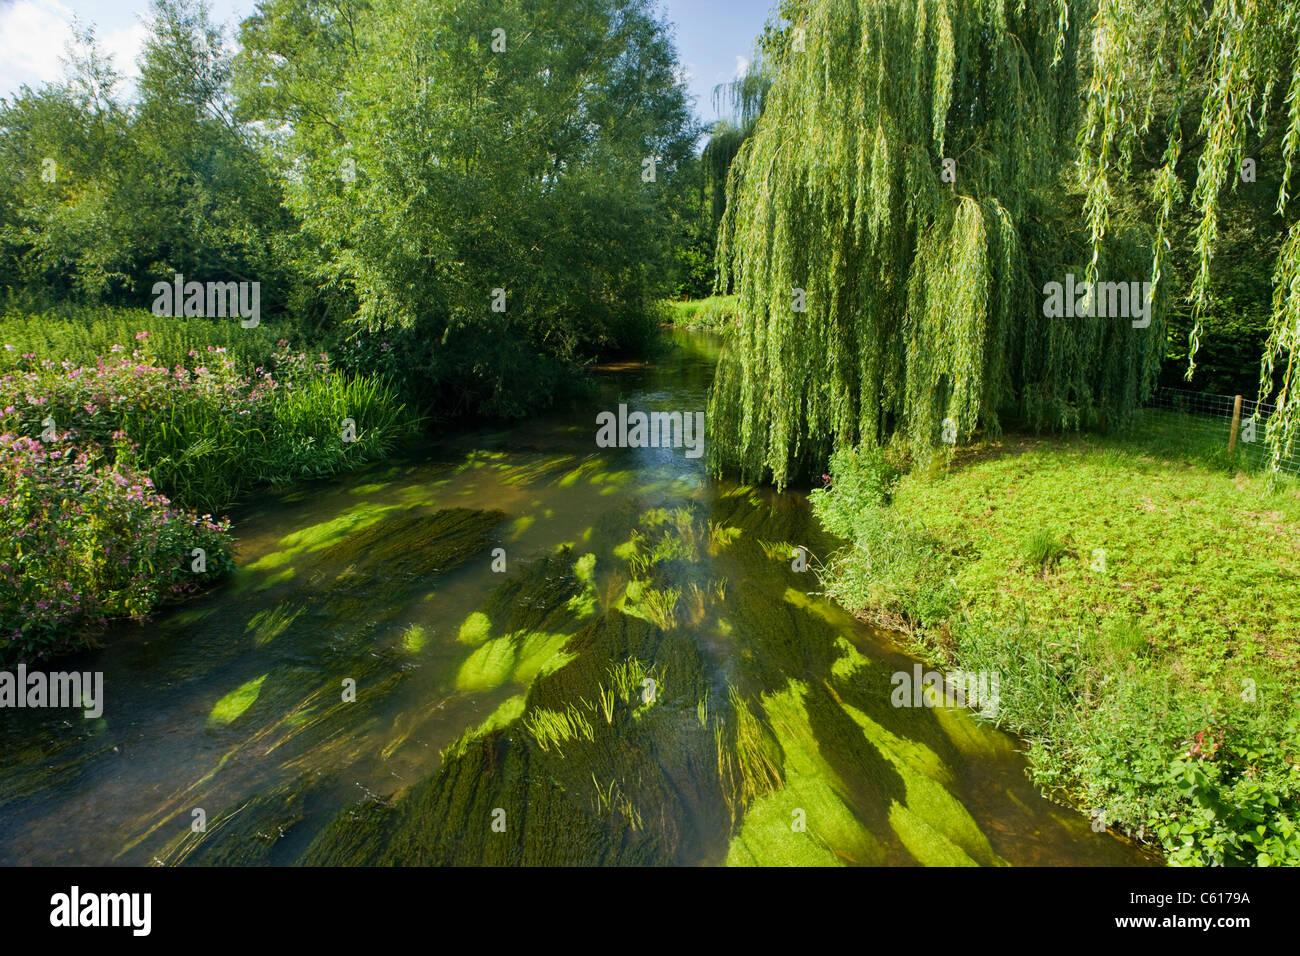 River Wey at Elstead, Surrey, UK. - Stock Image